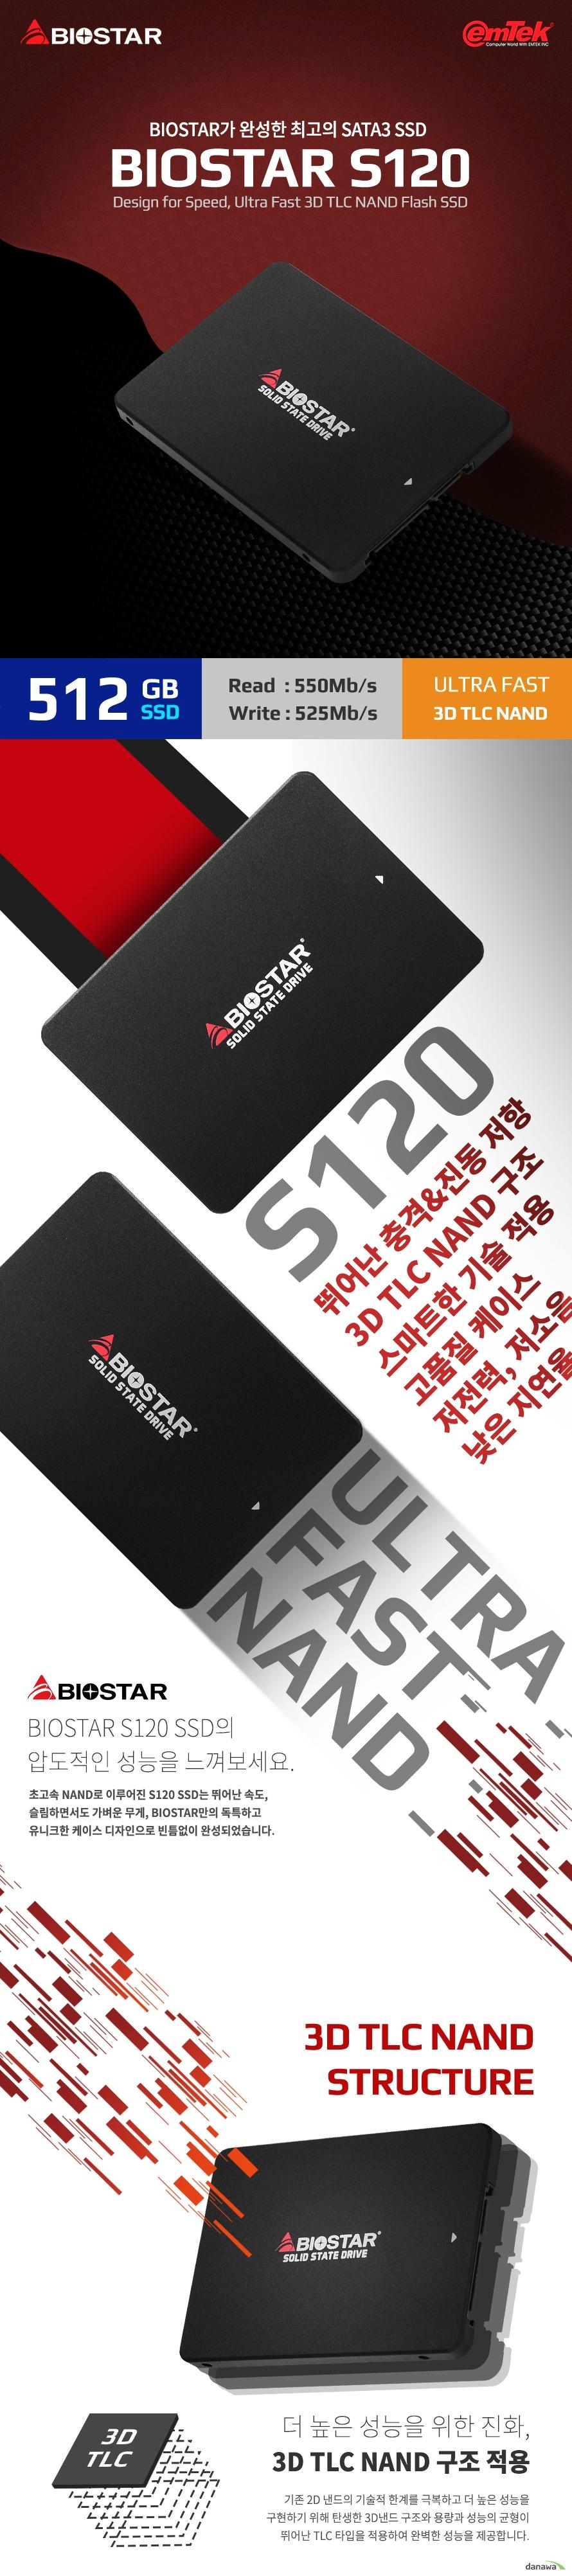 이엠텍 BIOSTAR S120 (512GB)  제품 상세 정보  용량 512GB 인터페이스 SATA3 낸드 종류 3D TLC 낸드 플래시 컨트롤러 MAXIO 0902  제품 성능 읽기 최대 550MB/S 쓰기 최대 525MB/S  작동 온도 0도에서 영상 70도까지  정격 전압 DC 5V  제품 특징 TRIM S.M.A.R.T NCQ WEAR LEVELING 기술 적용 제품 크기 길이 100 밀리미터 넓이 70 밀리미터 두께 7 밀리미터  충격 저항 1500G 진동 저항 7~800헤르츠  습도 5%~95%에서 작동가능  전력 소모   사용시 1.6와트 대기시 0.34와트  제품 무게 36그램 제품 보증 3년 무상보증 KC인증번호 R R EMT BS S120